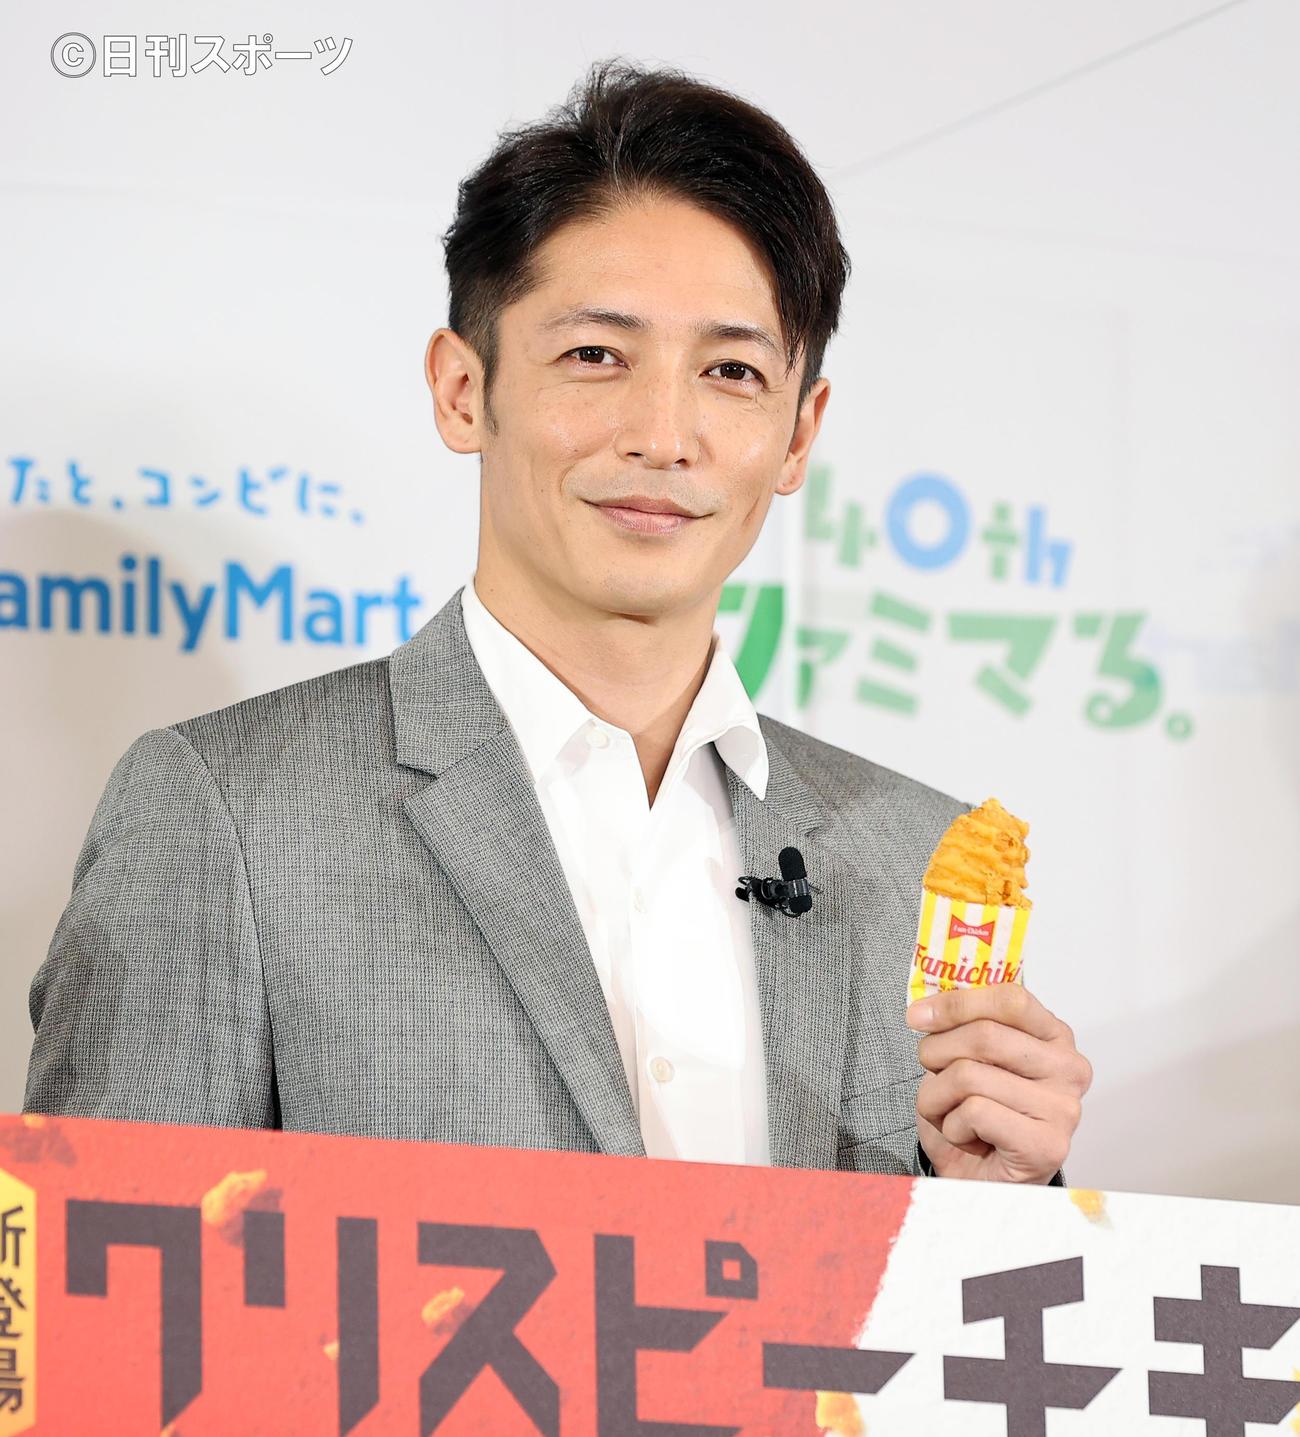 ファミリーマート創立40周年記念発表会で、新商品のクリスピーチキンを手に笑顔を見せる玉木宏(撮影・浅見桂子)